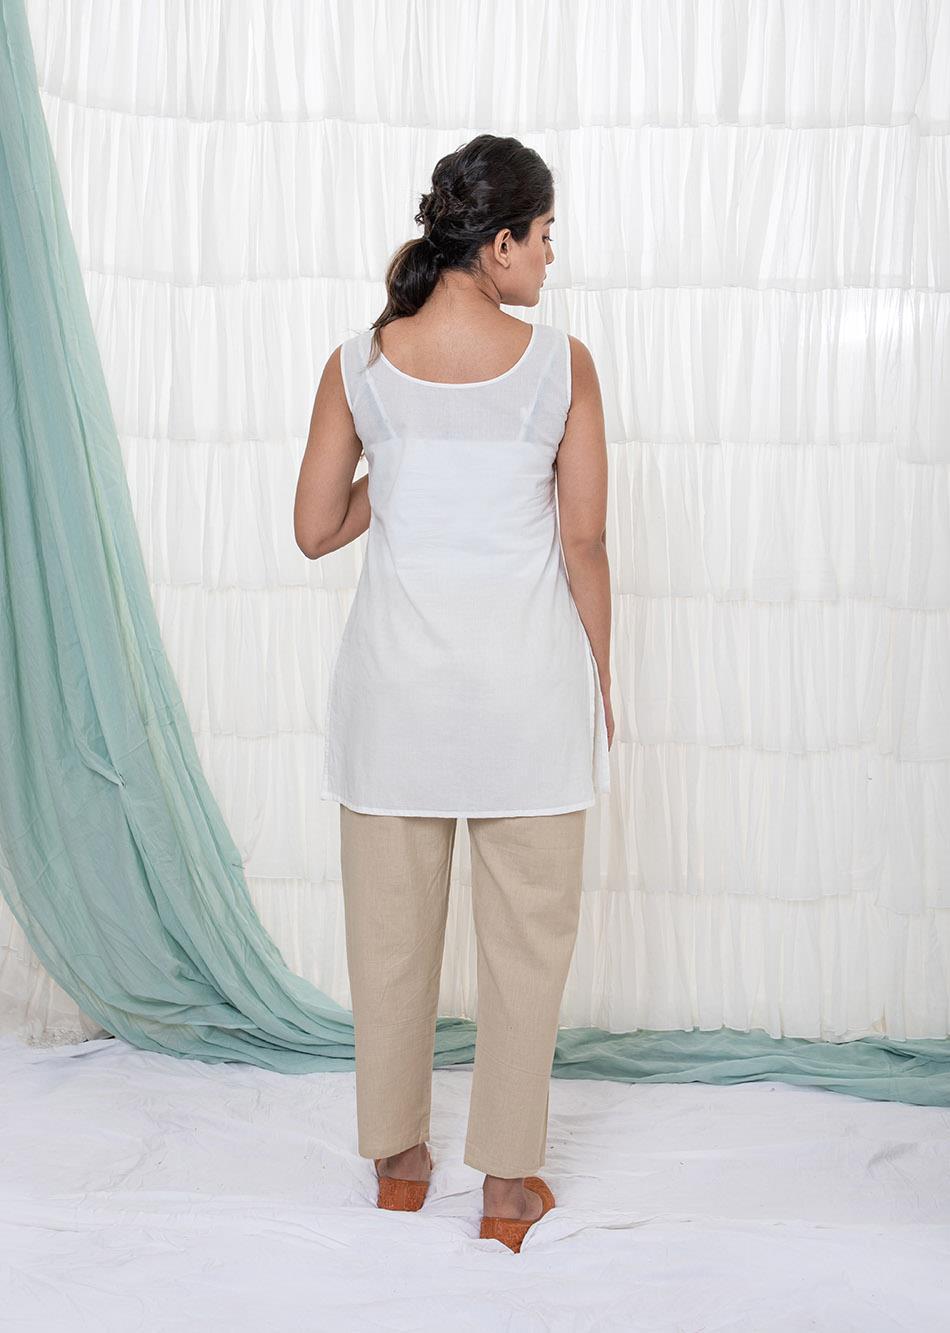 COTTON SLIP (ROUND NECK) By Jovi Fashion